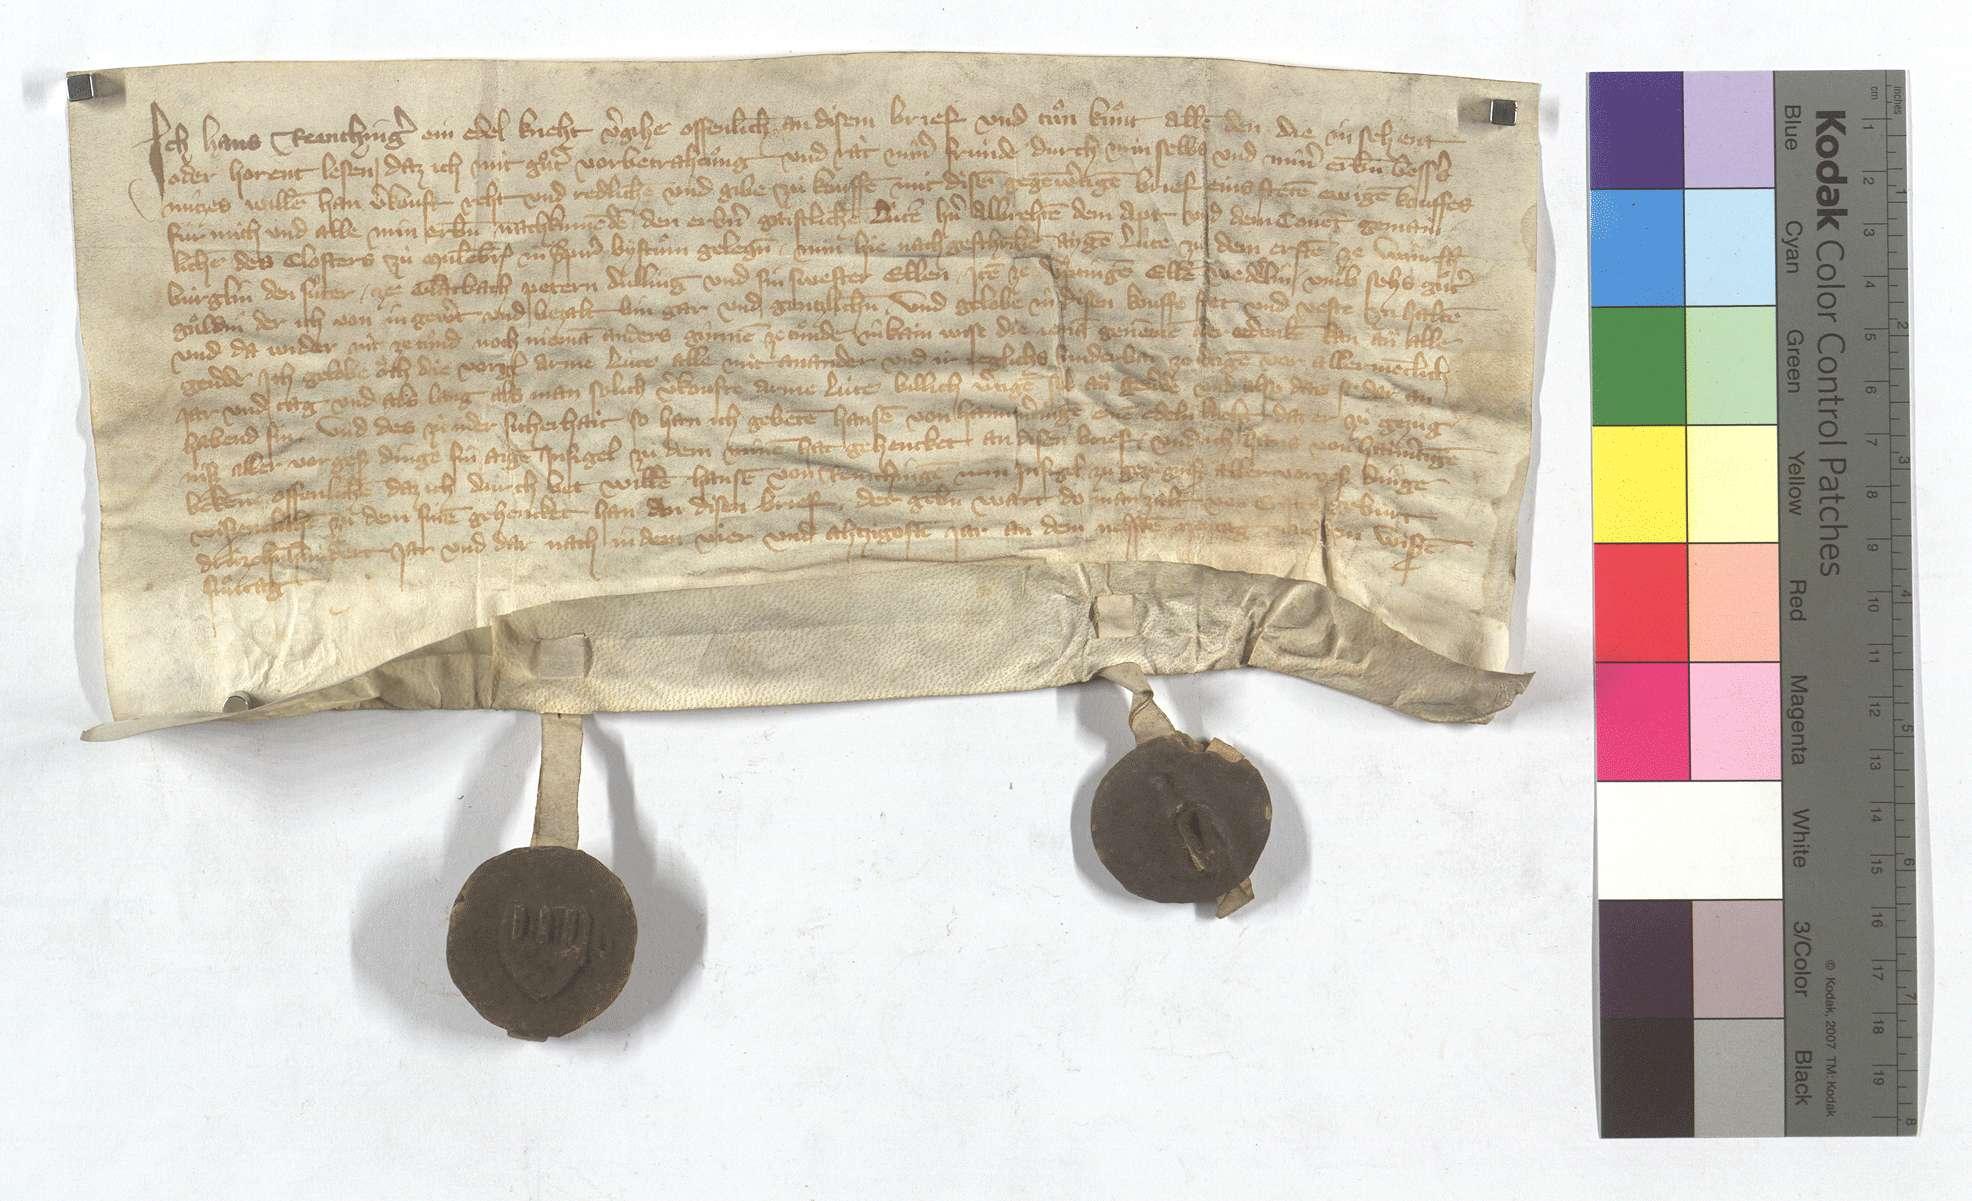 Fertigung Hans Remchingers um seine Leibeigenen in Wiernsheim, Glattbach (Glatbach) und Iptingen., Text